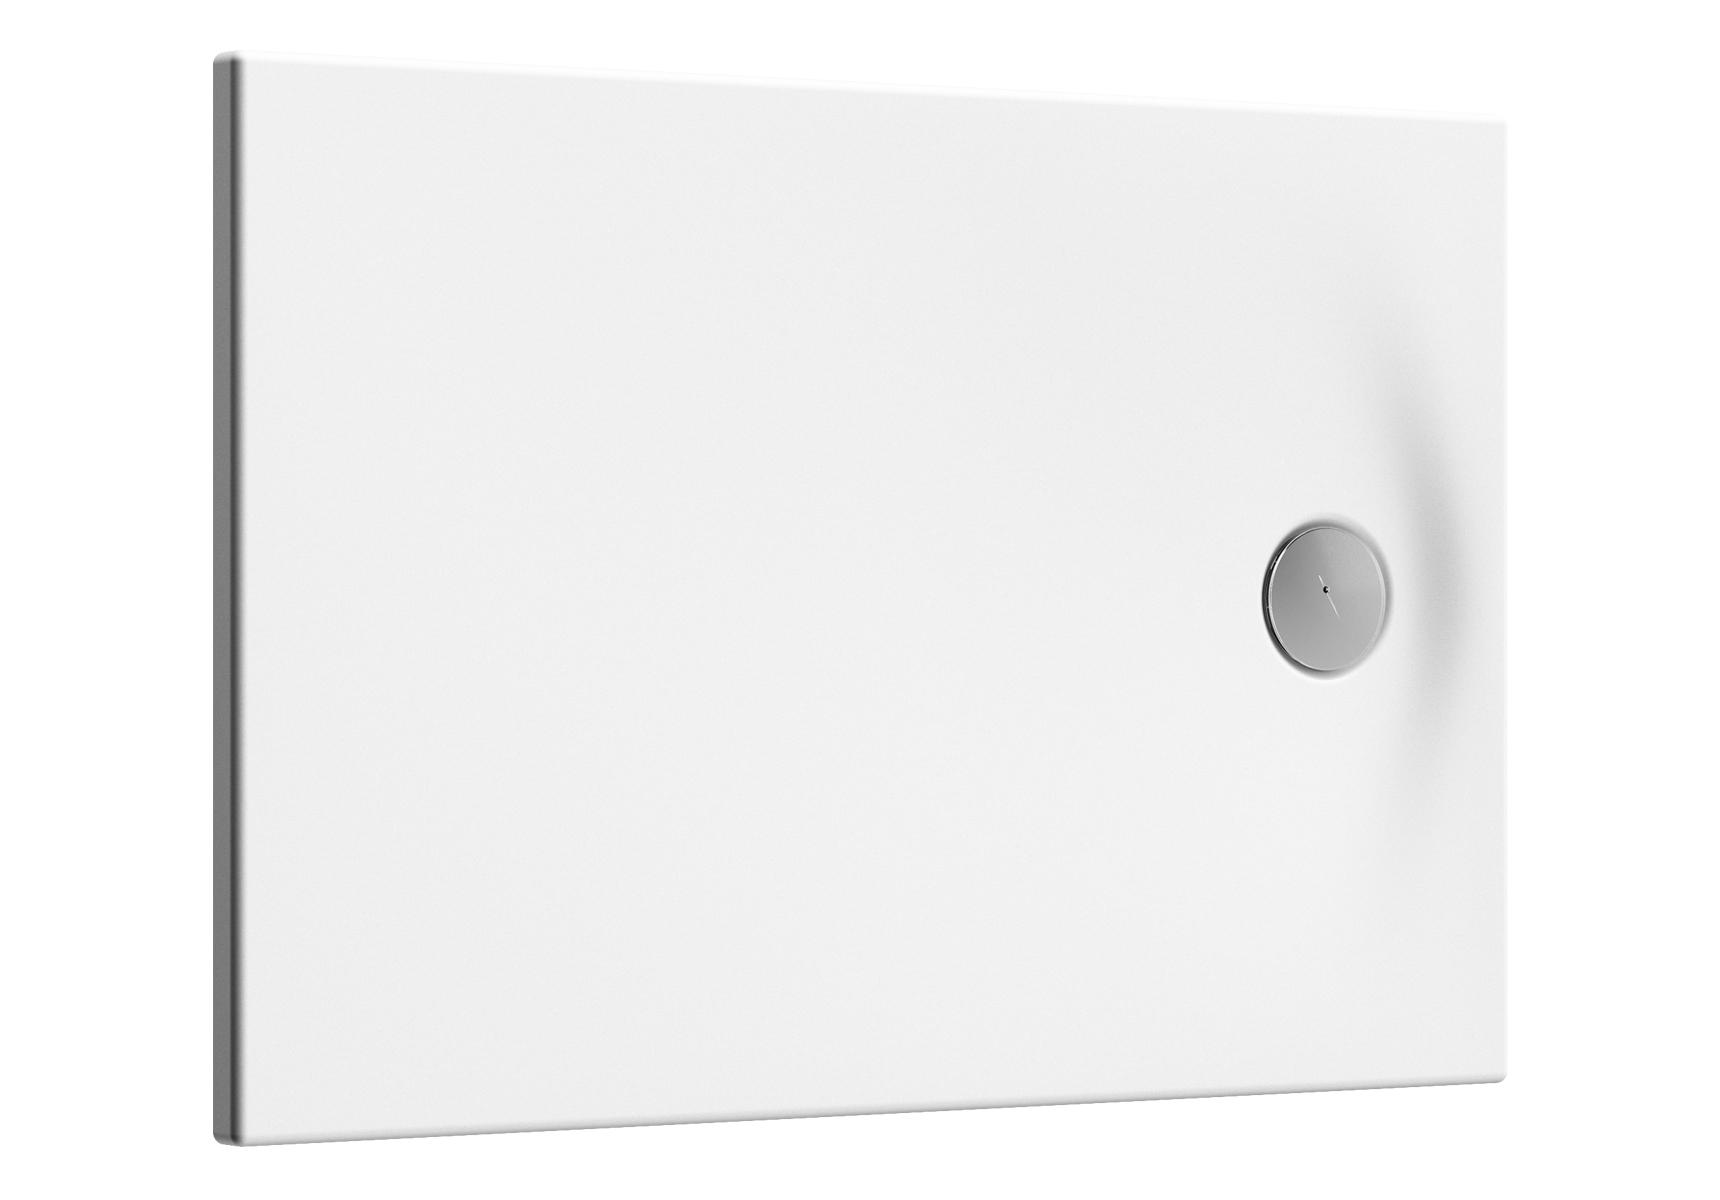 Smooth receveur ultra plat en acrylique, 3,2 mm, à encastrer ou à poser, rectangulaire, 100  x  70 cm